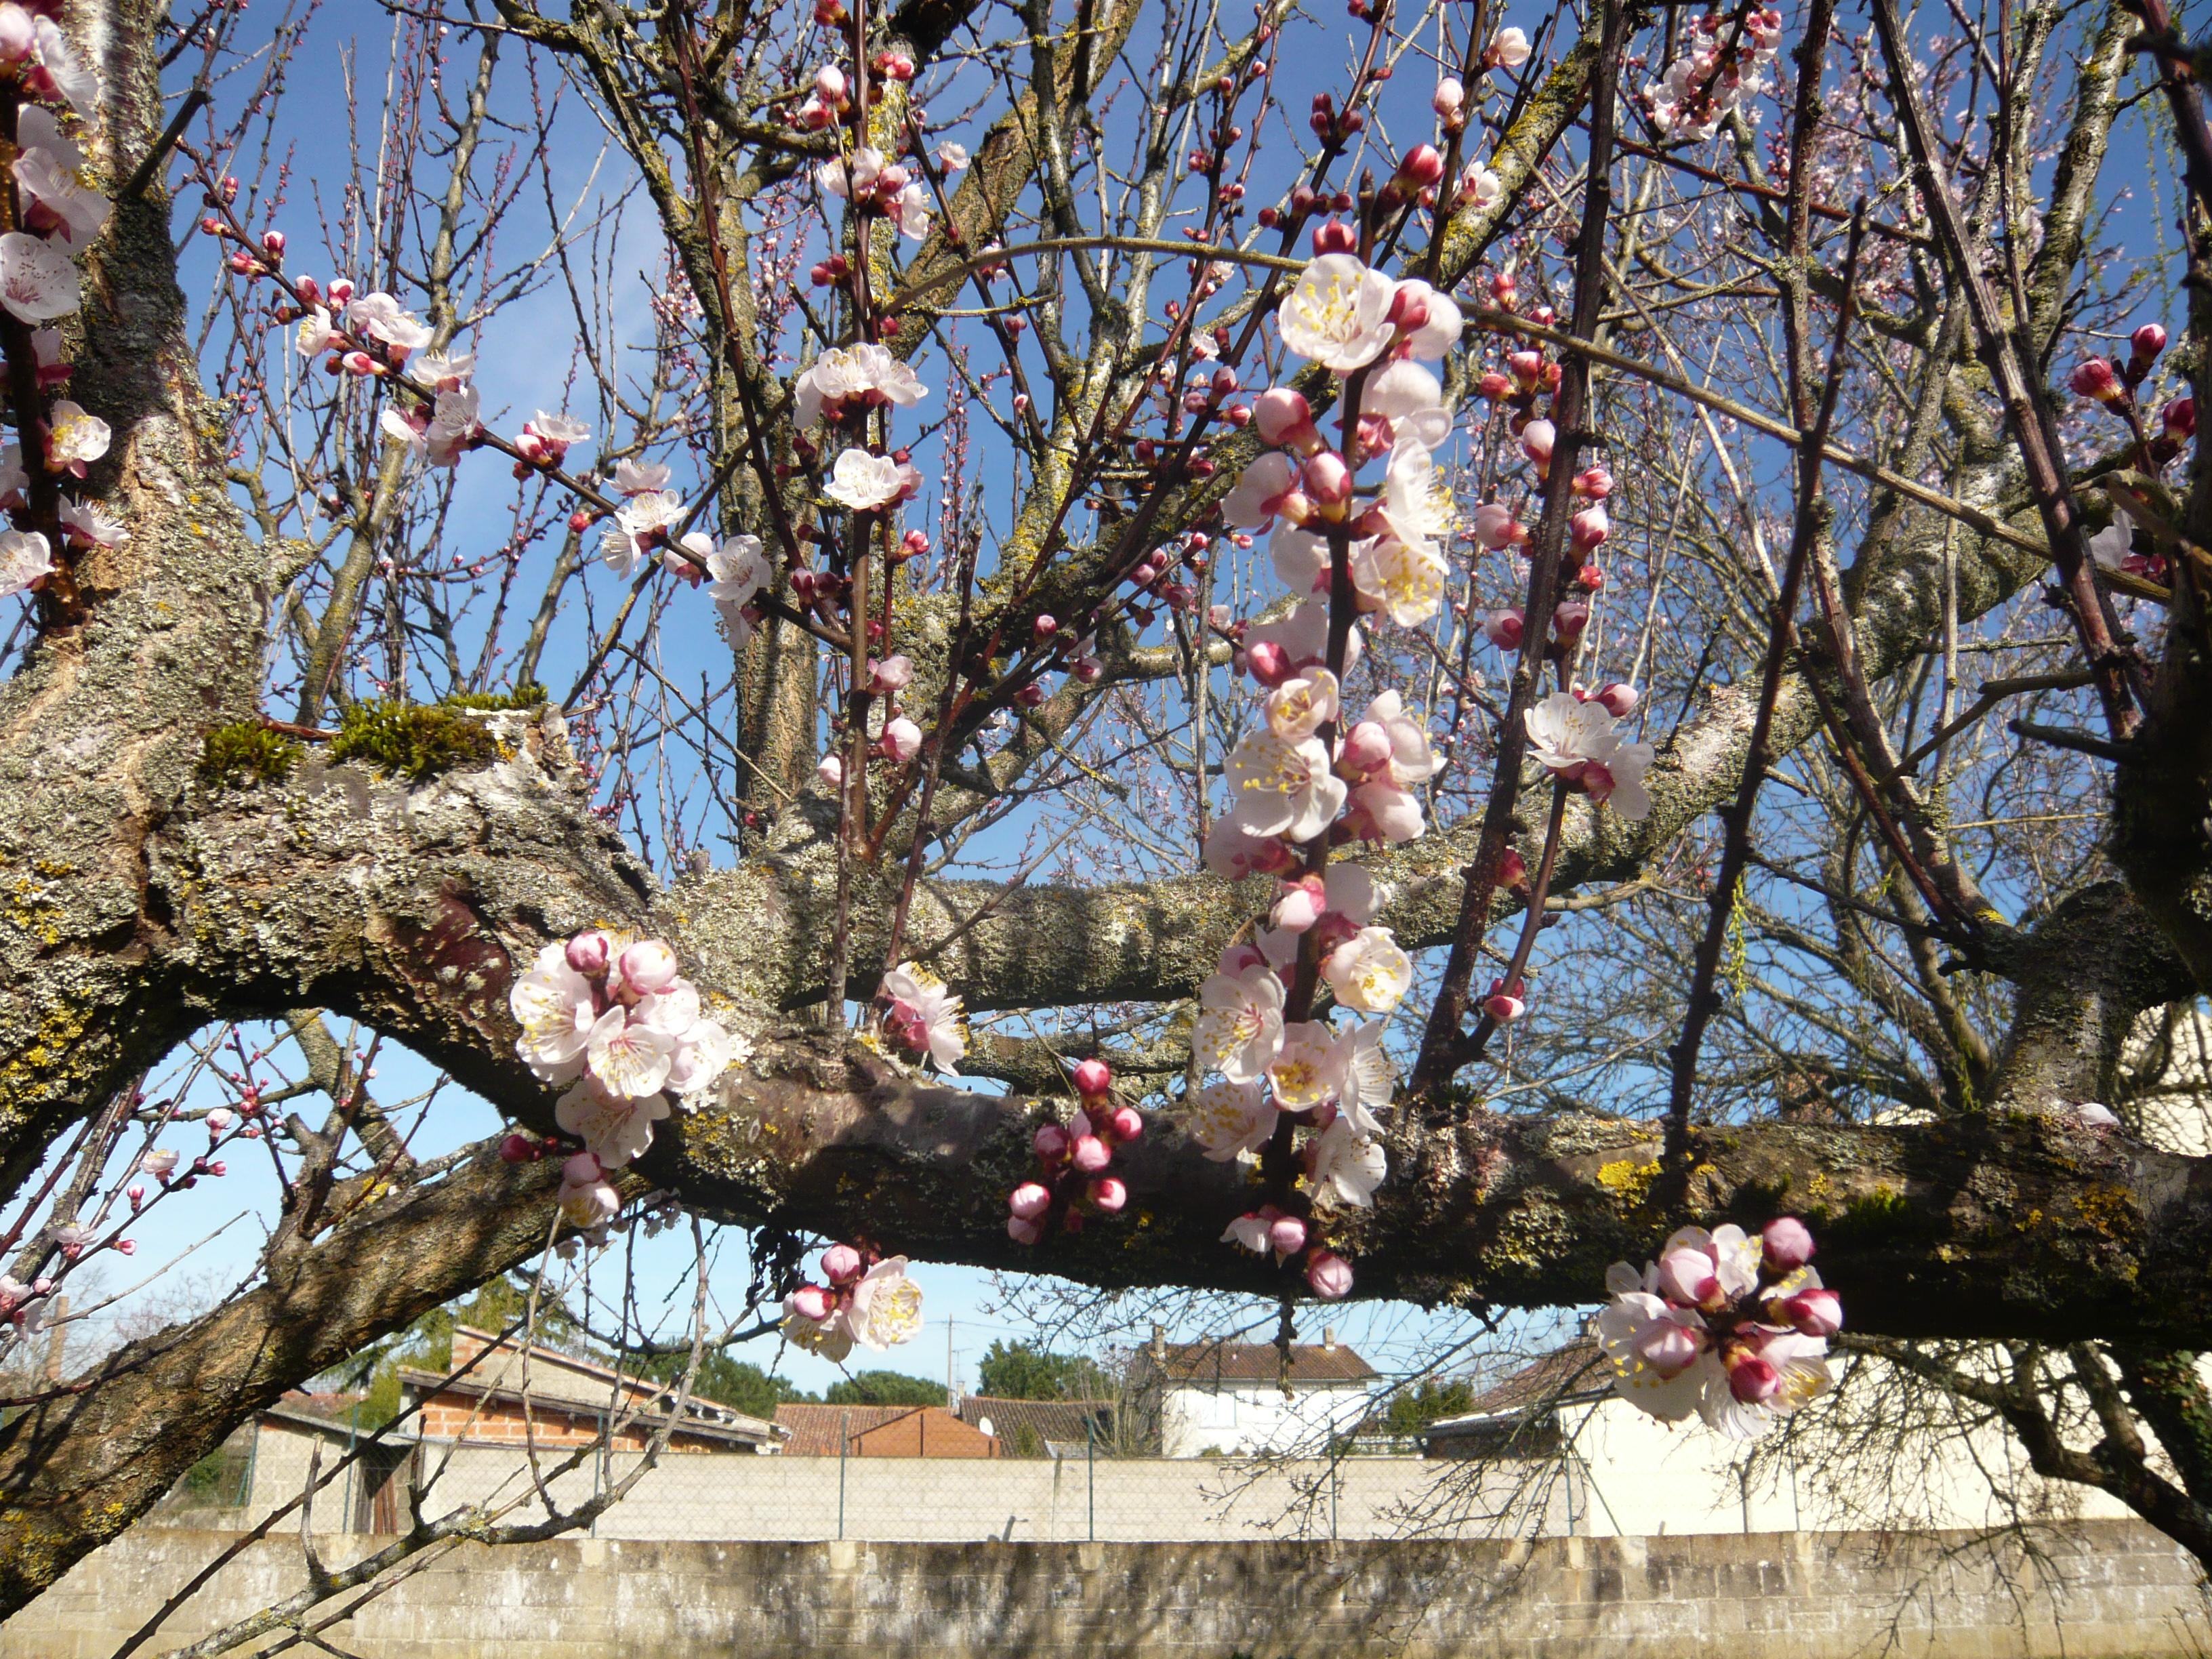 <a href=https://biodiv-montech.fr/observation/amandier-prunus-dulcis/>Amandier (Prunus dulcis)</a><br>Espèce : Amandier<br>Observé à Rue Arnaud Veissière Montech l'après-midi du 25 / 02 / 2017<br>